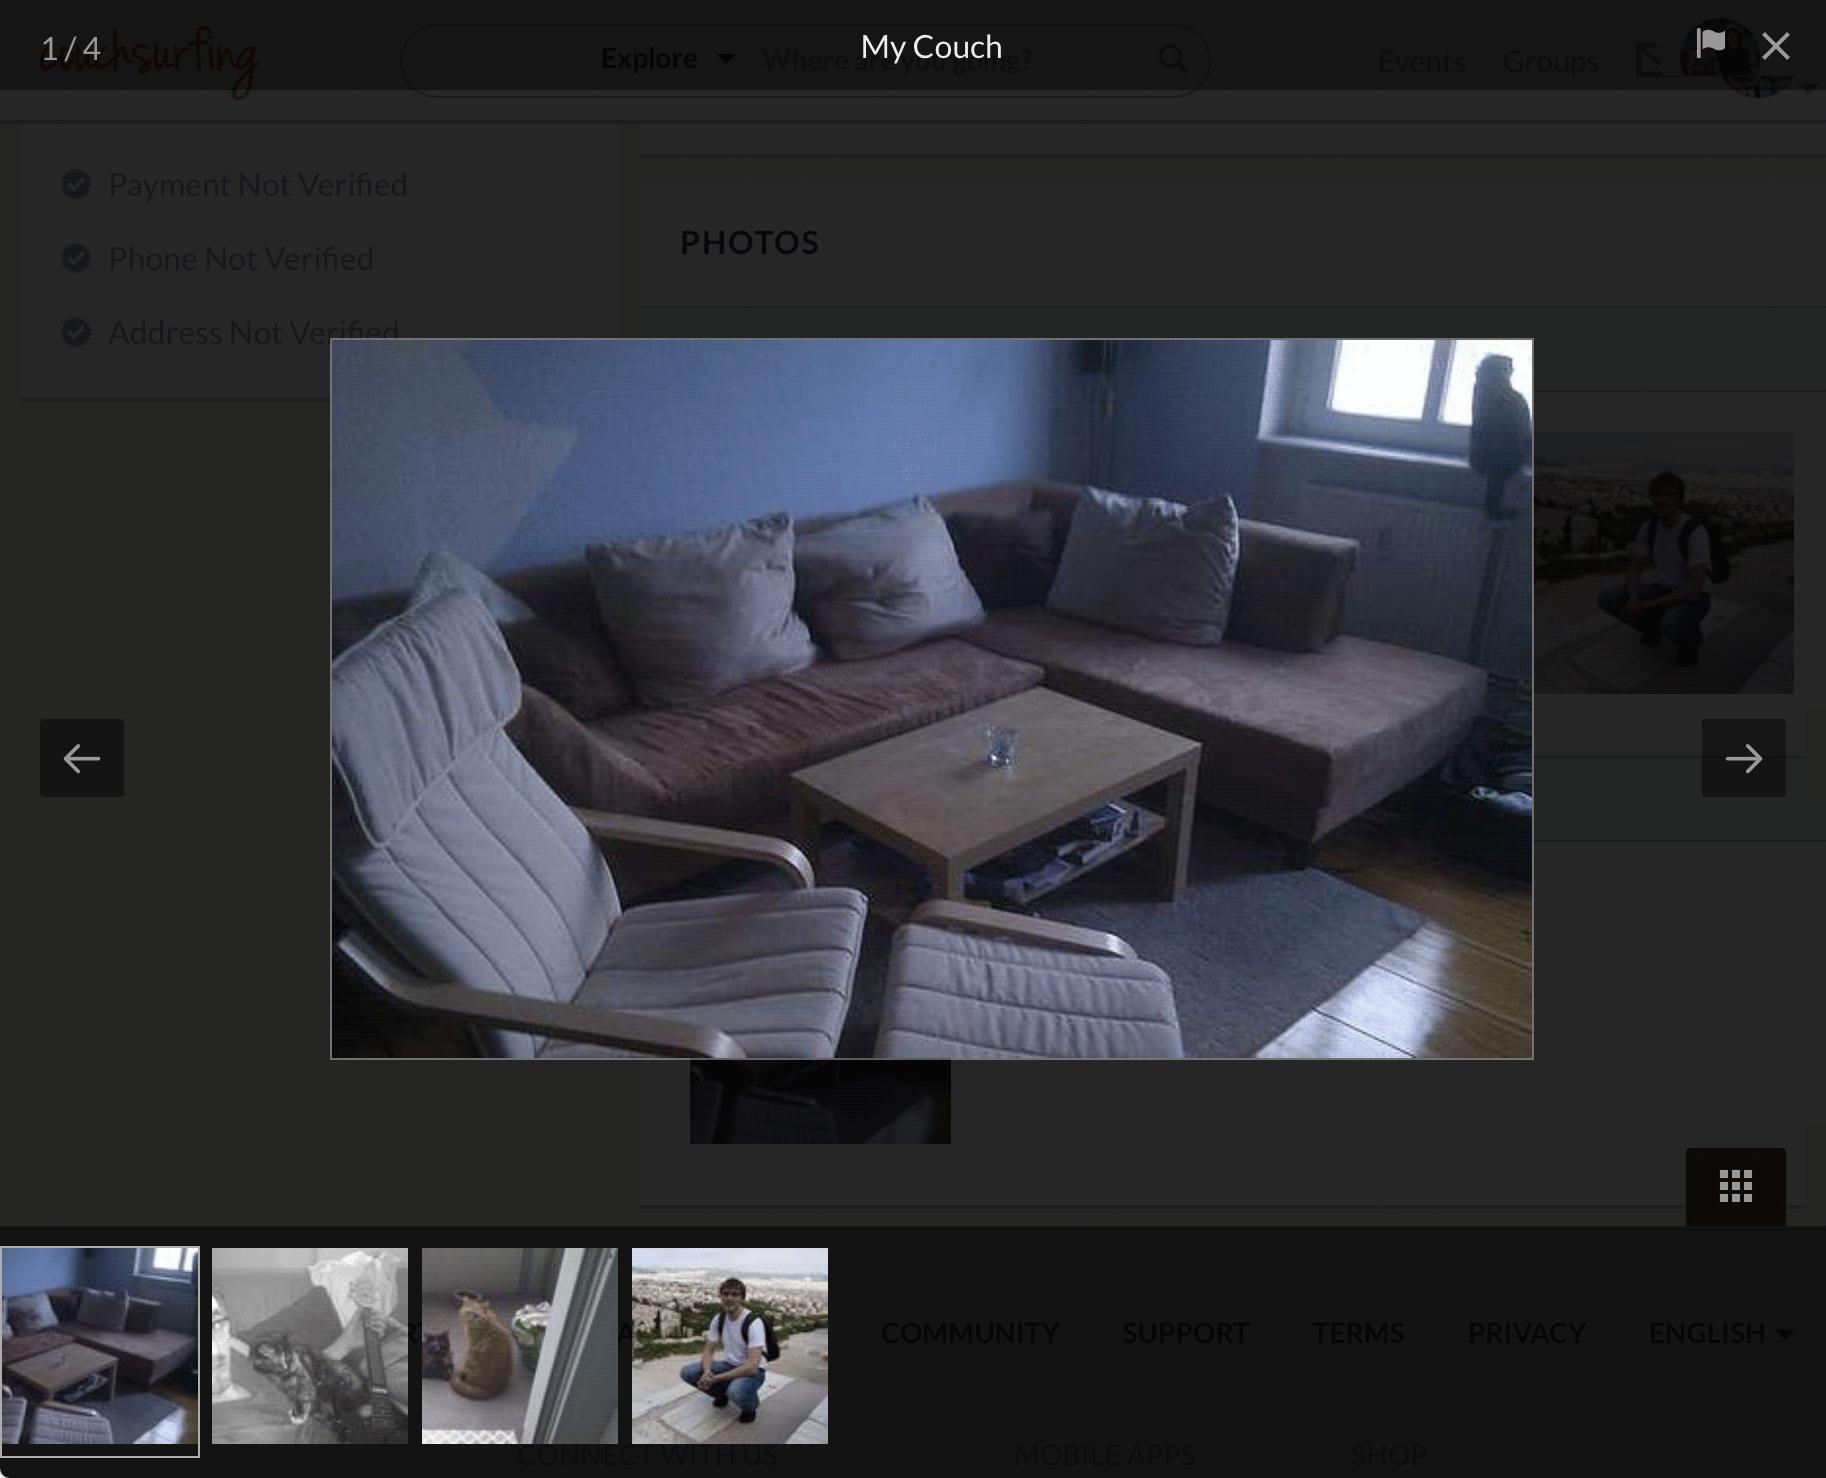 Так выглядит типичный дом каучсерфера. На этом диване я ночевал в Берлине в 2014 году. Хозяин Дэннис угощал вином и грустил о бывшей девушке — они вместе спасали котов от пожара, однако недавно расстались